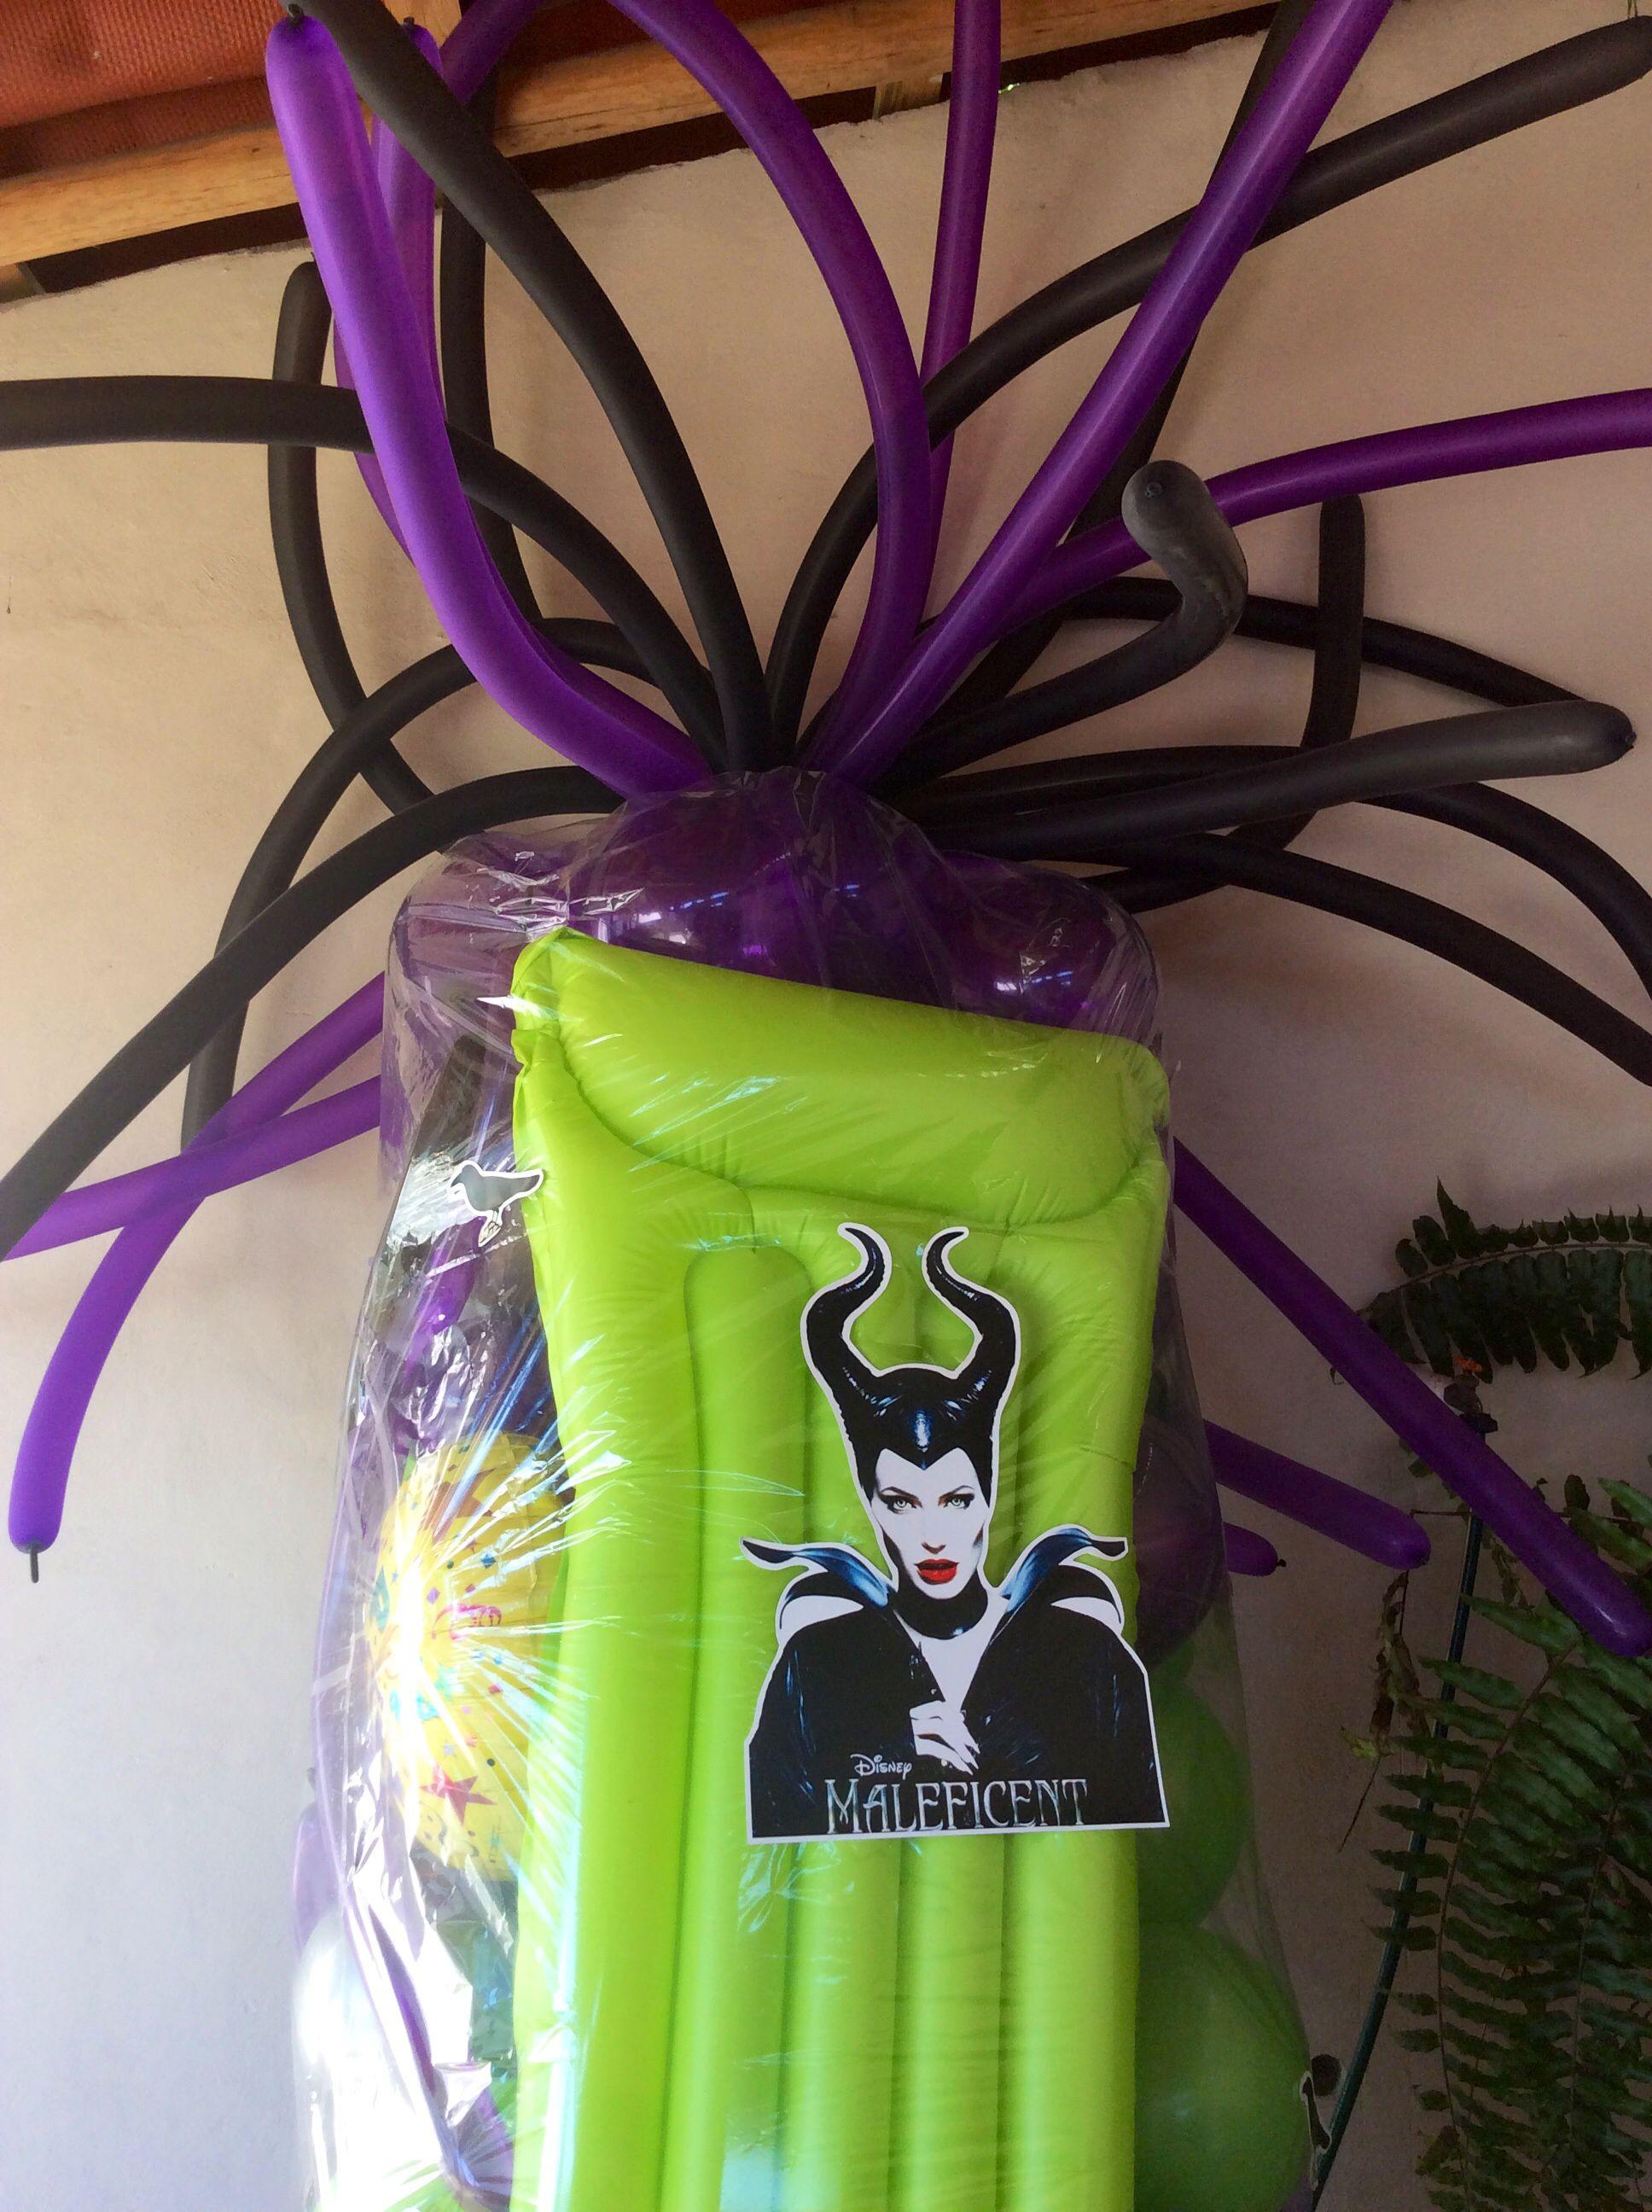 """Piñata de globos gigante personalizada, aquí se muestran algunos detalles """"Malefica"""""""